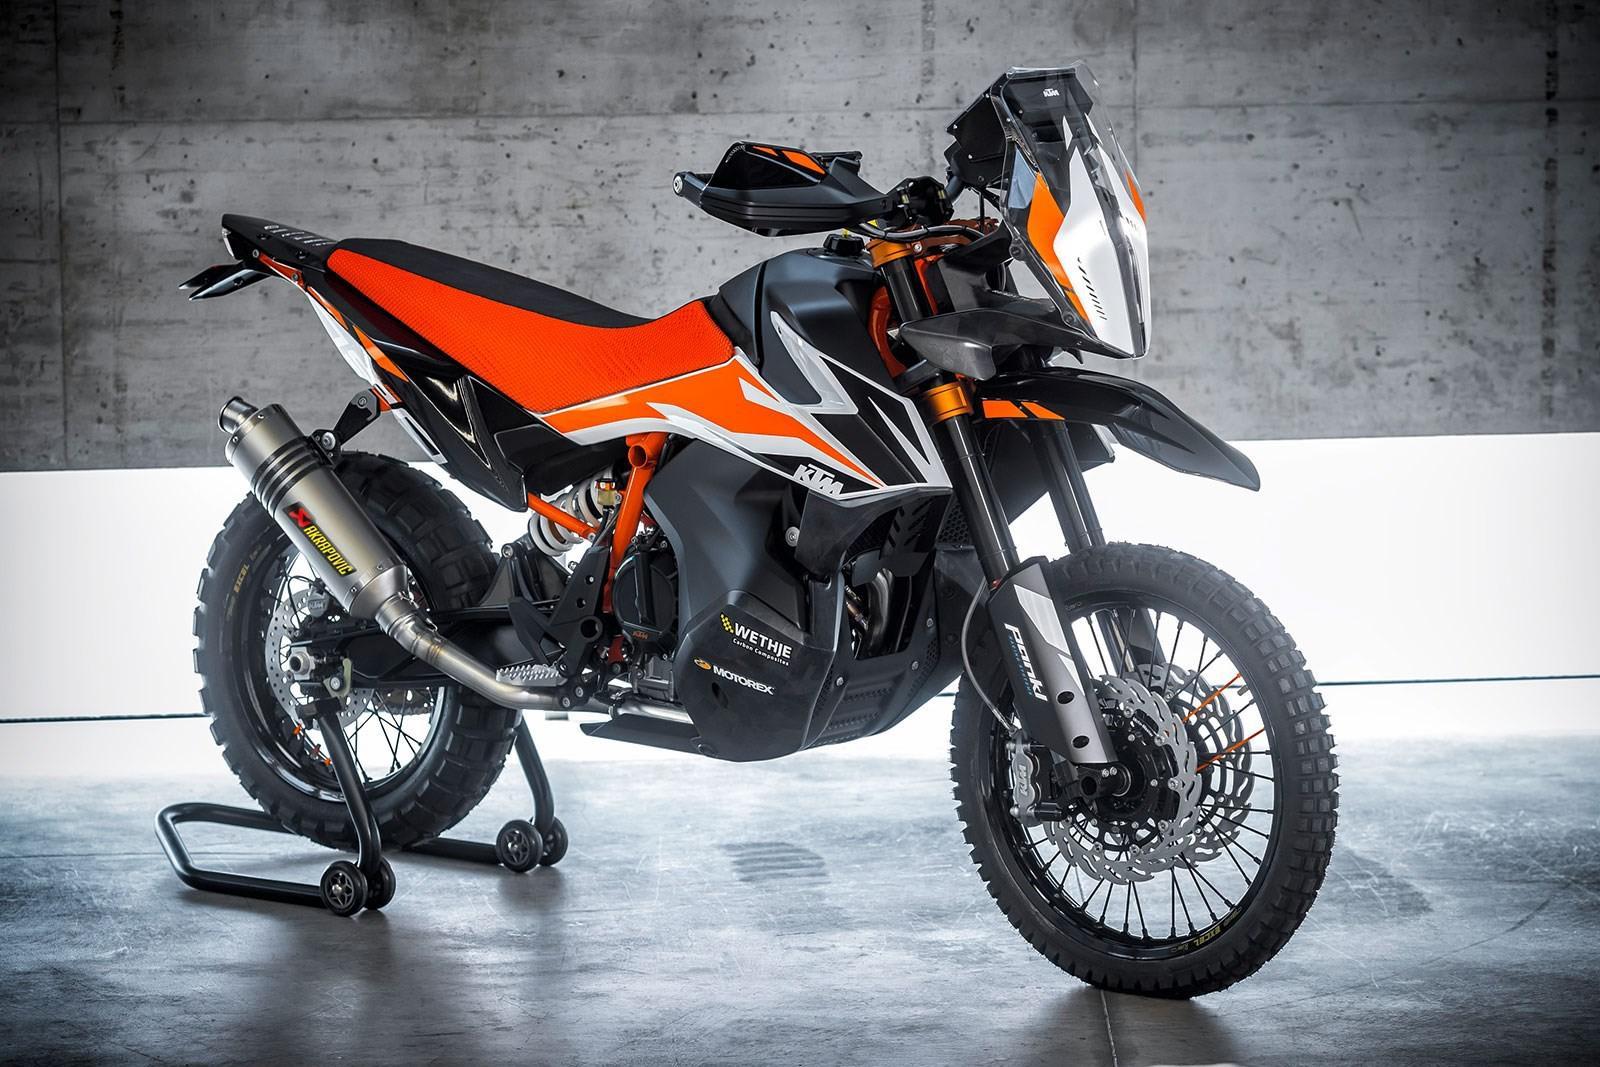 les-motos-2018-qu-on-espere-voir-au-maroc-506-53.jpg